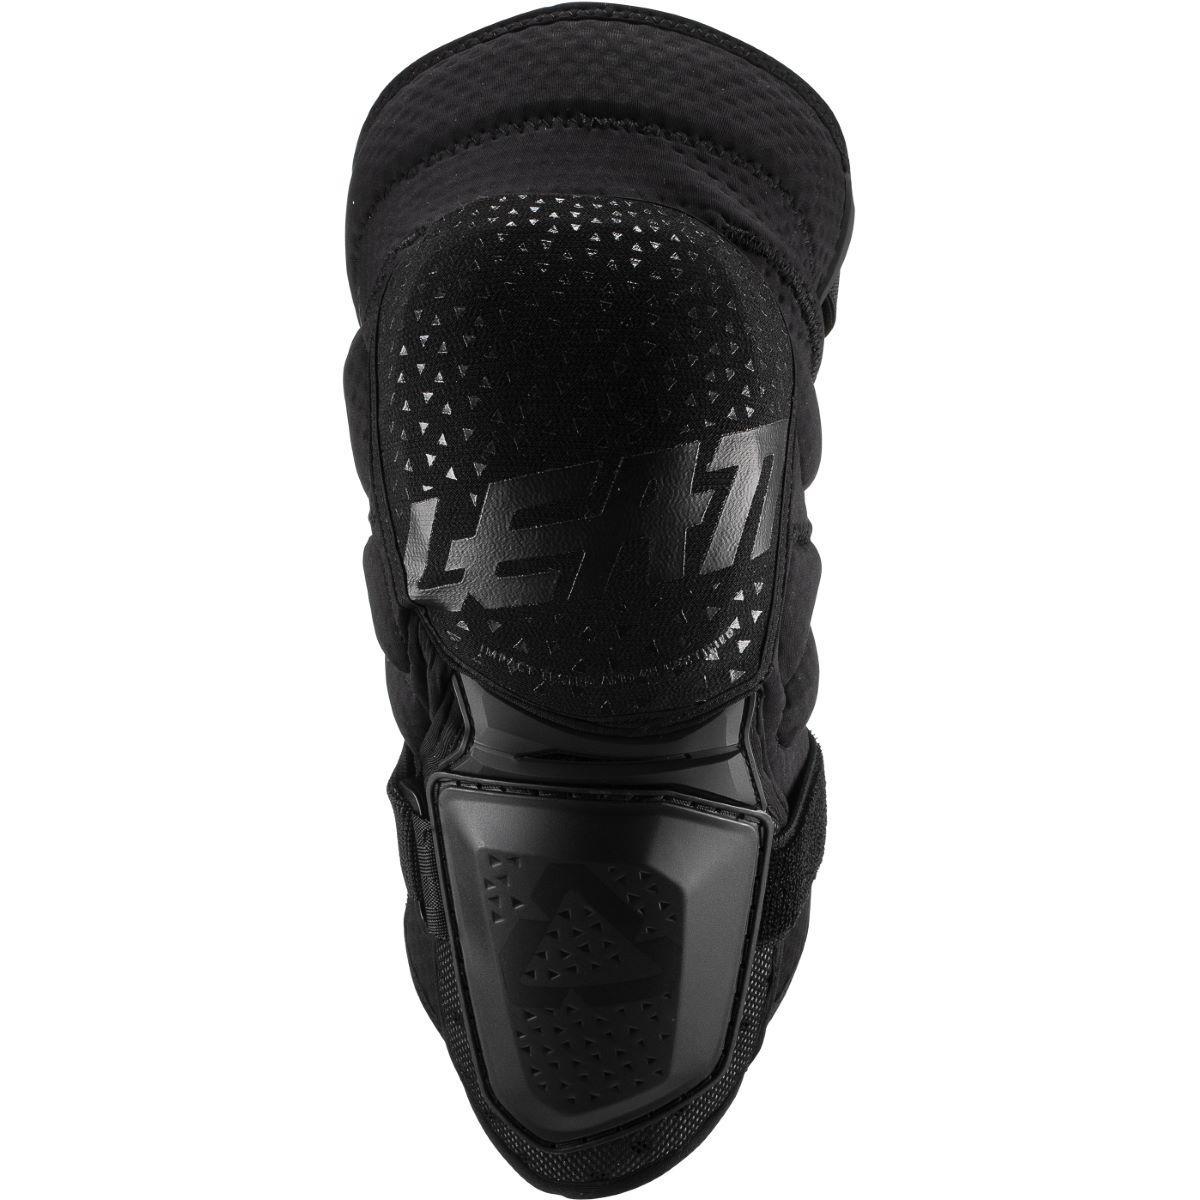 Наколенники Leatt Knee Guard 3DF Hybrid Blk XXL